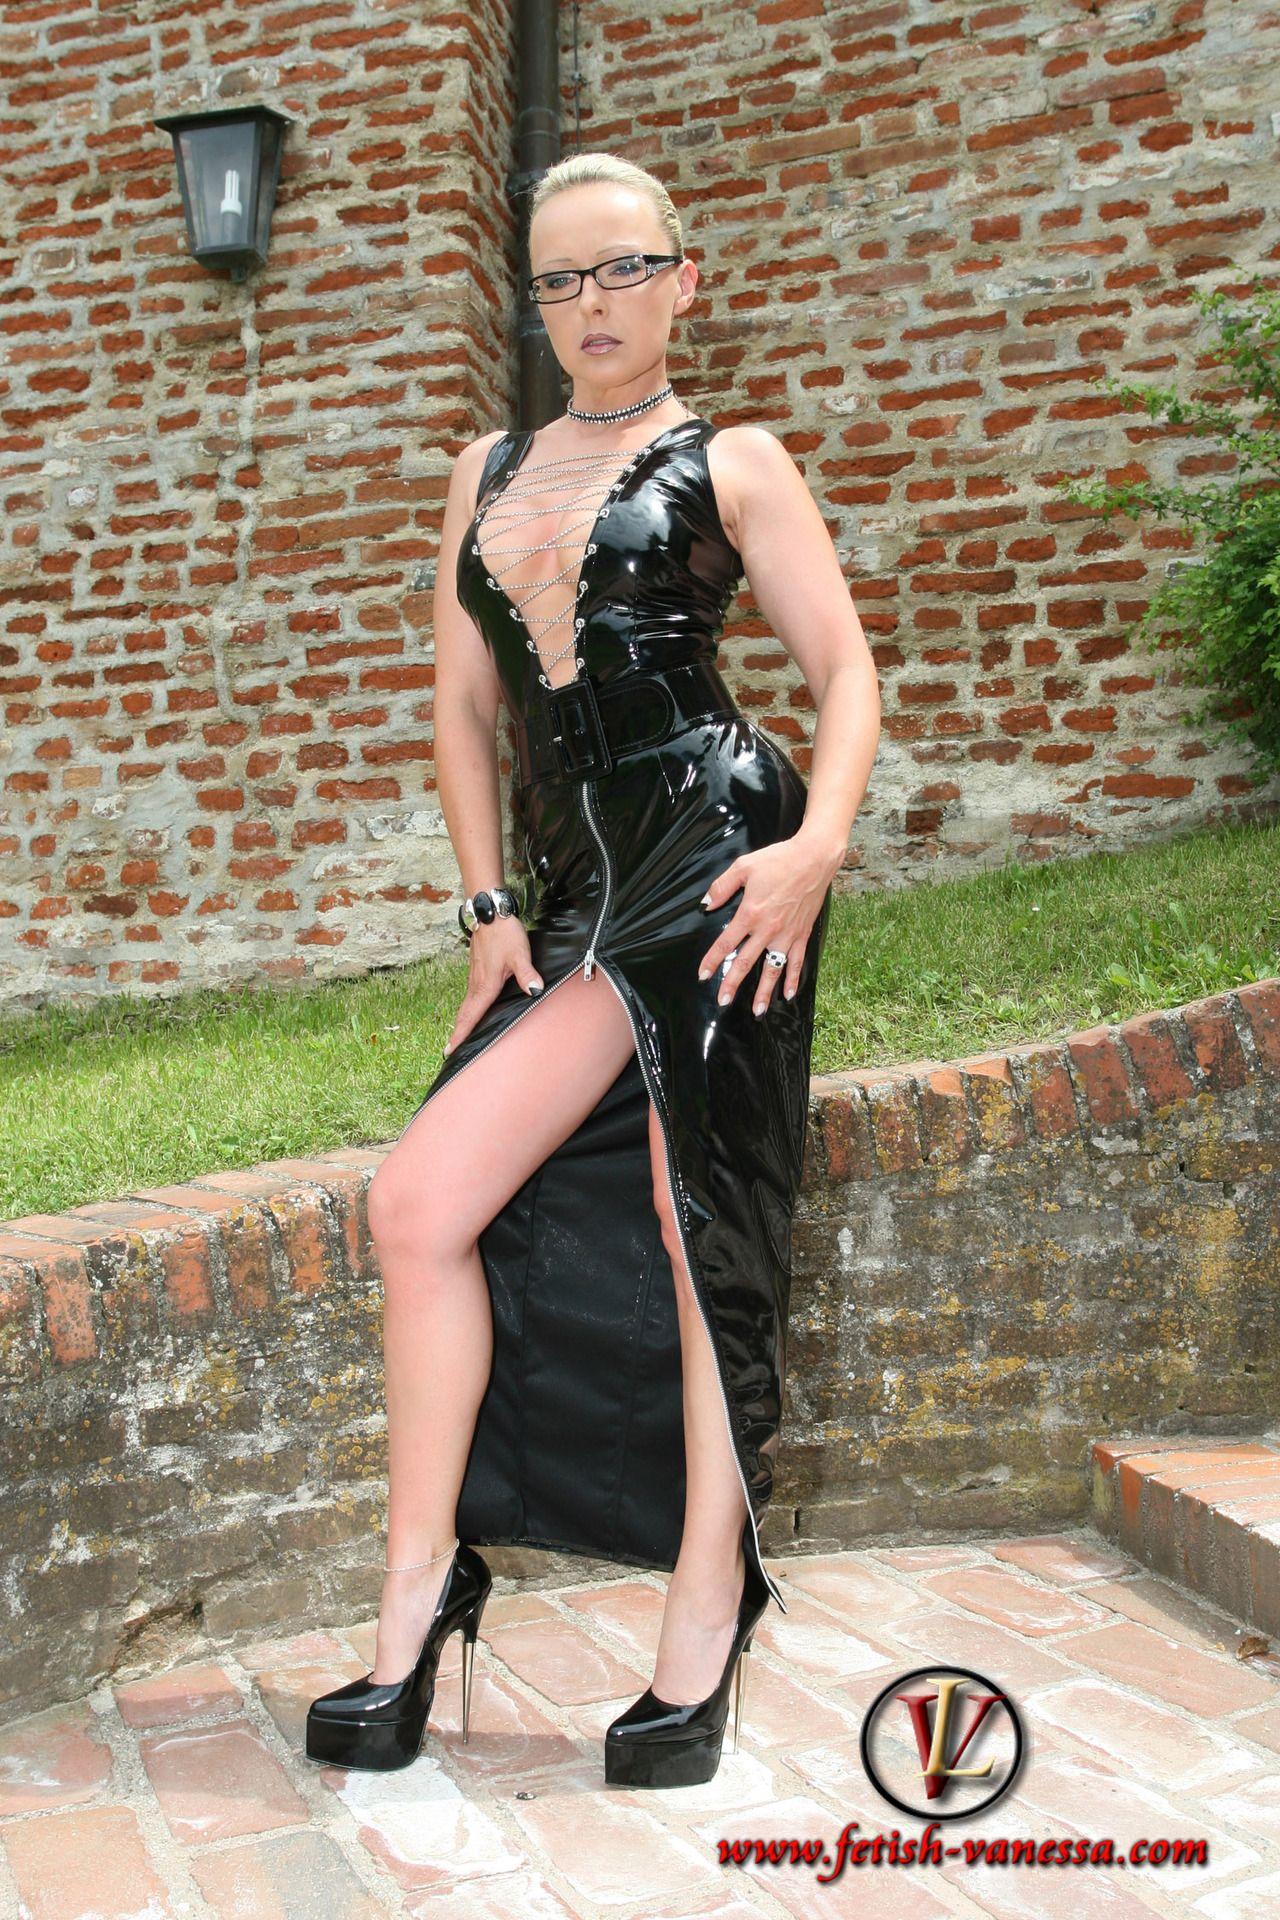 Pin auf fetish lady vanessa & comtesse monique